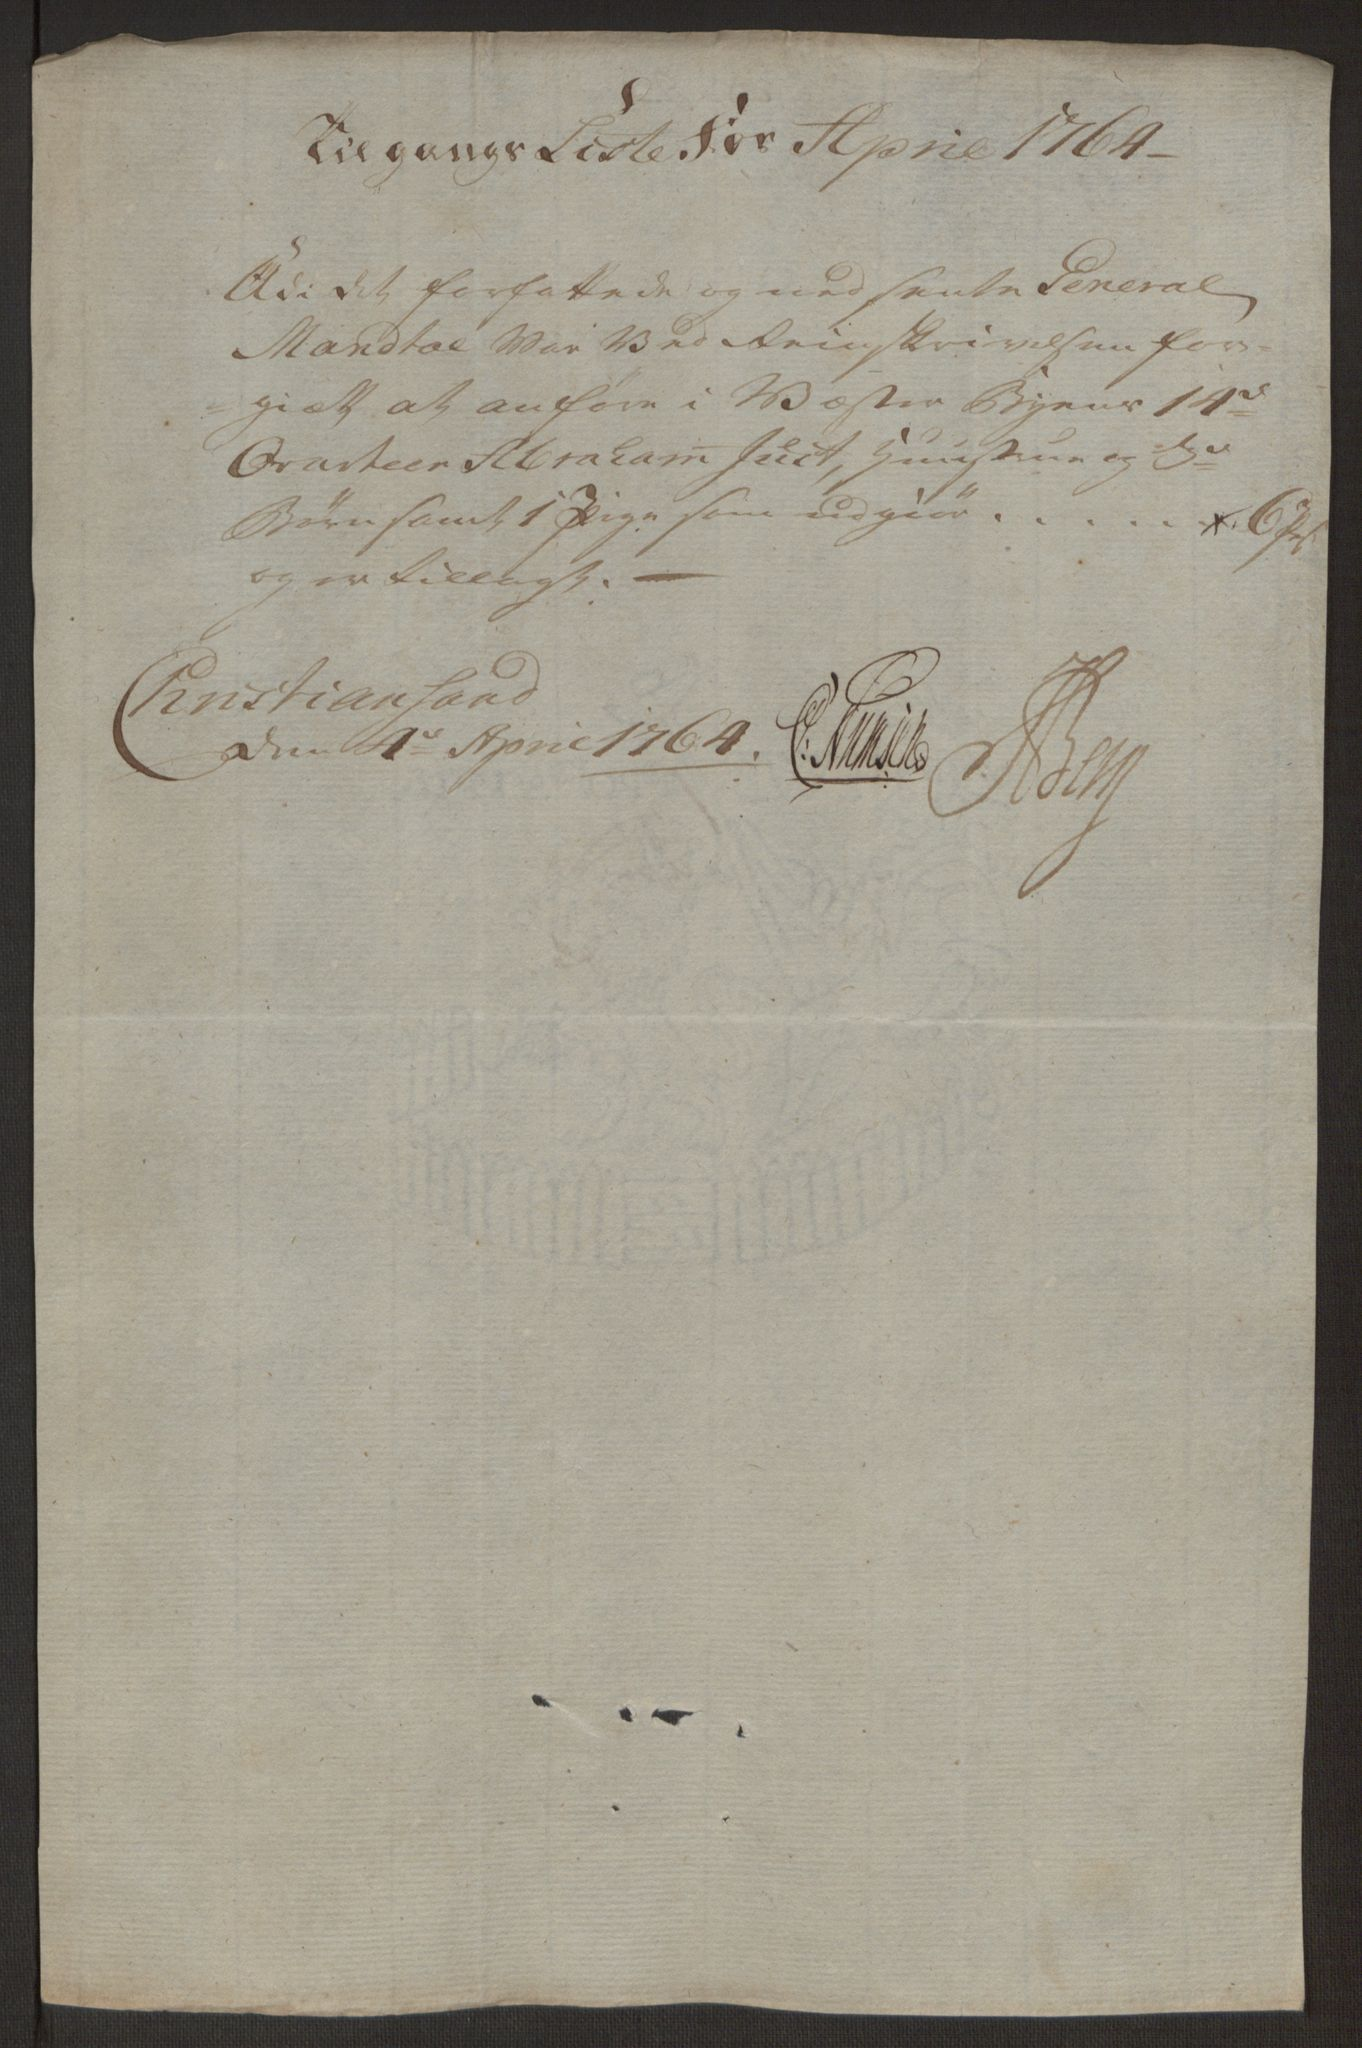 RA, Rentekammeret inntil 1814, Reviderte regnskaper, Byregnskaper, R/Rm/L0265: [M6] Kontribusjonsregnskap, 1762-1764, s. 255